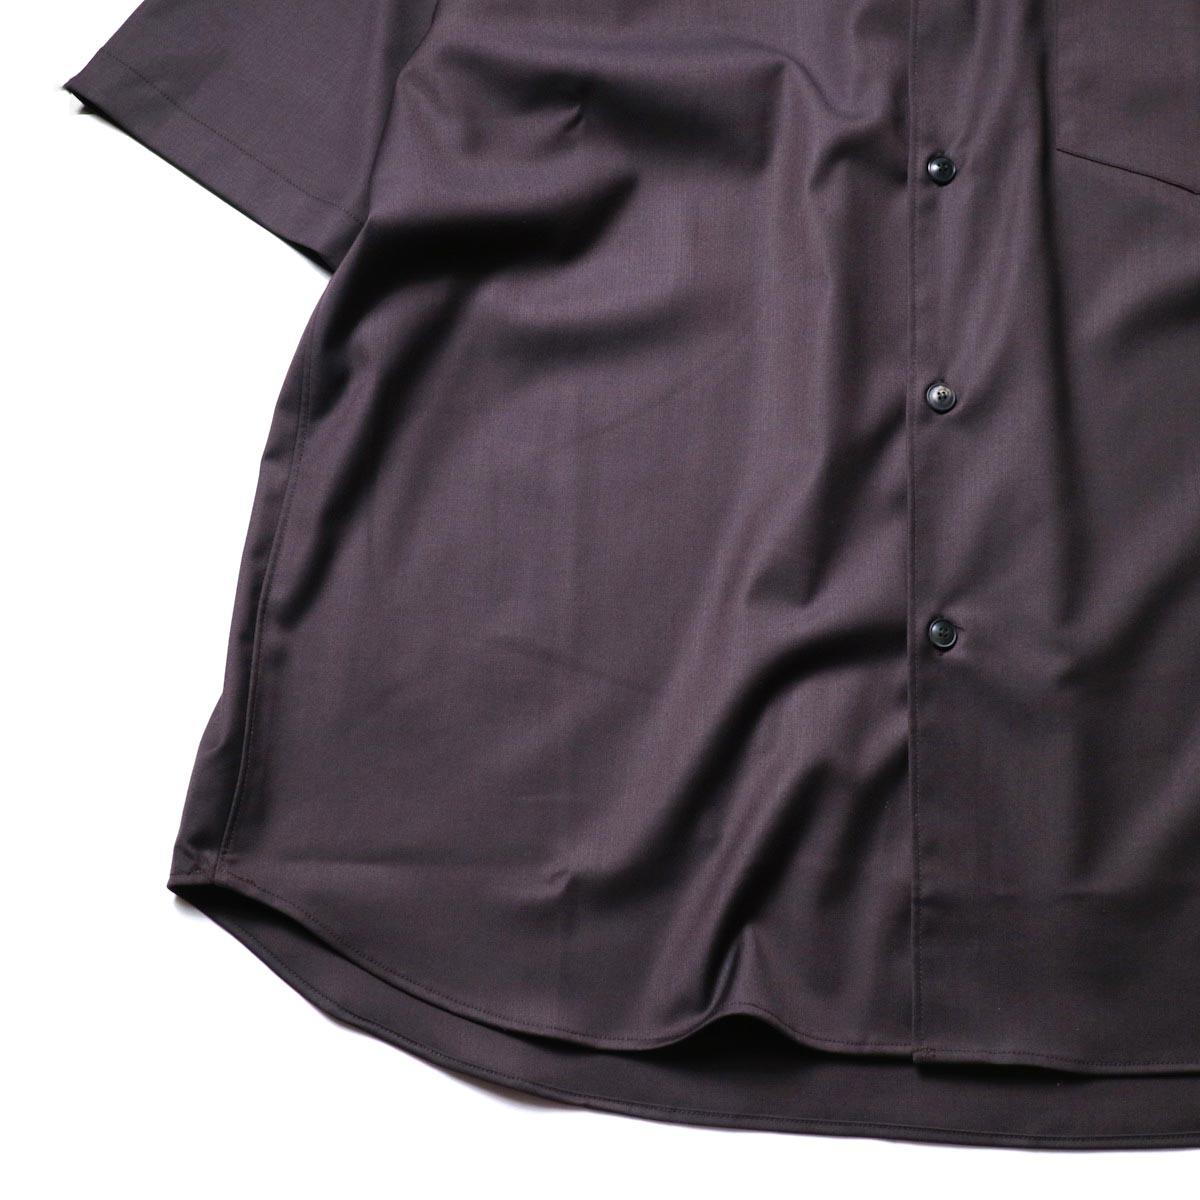 alvana / Wrinkle Proof Shirts (Charcoal)袖、裾